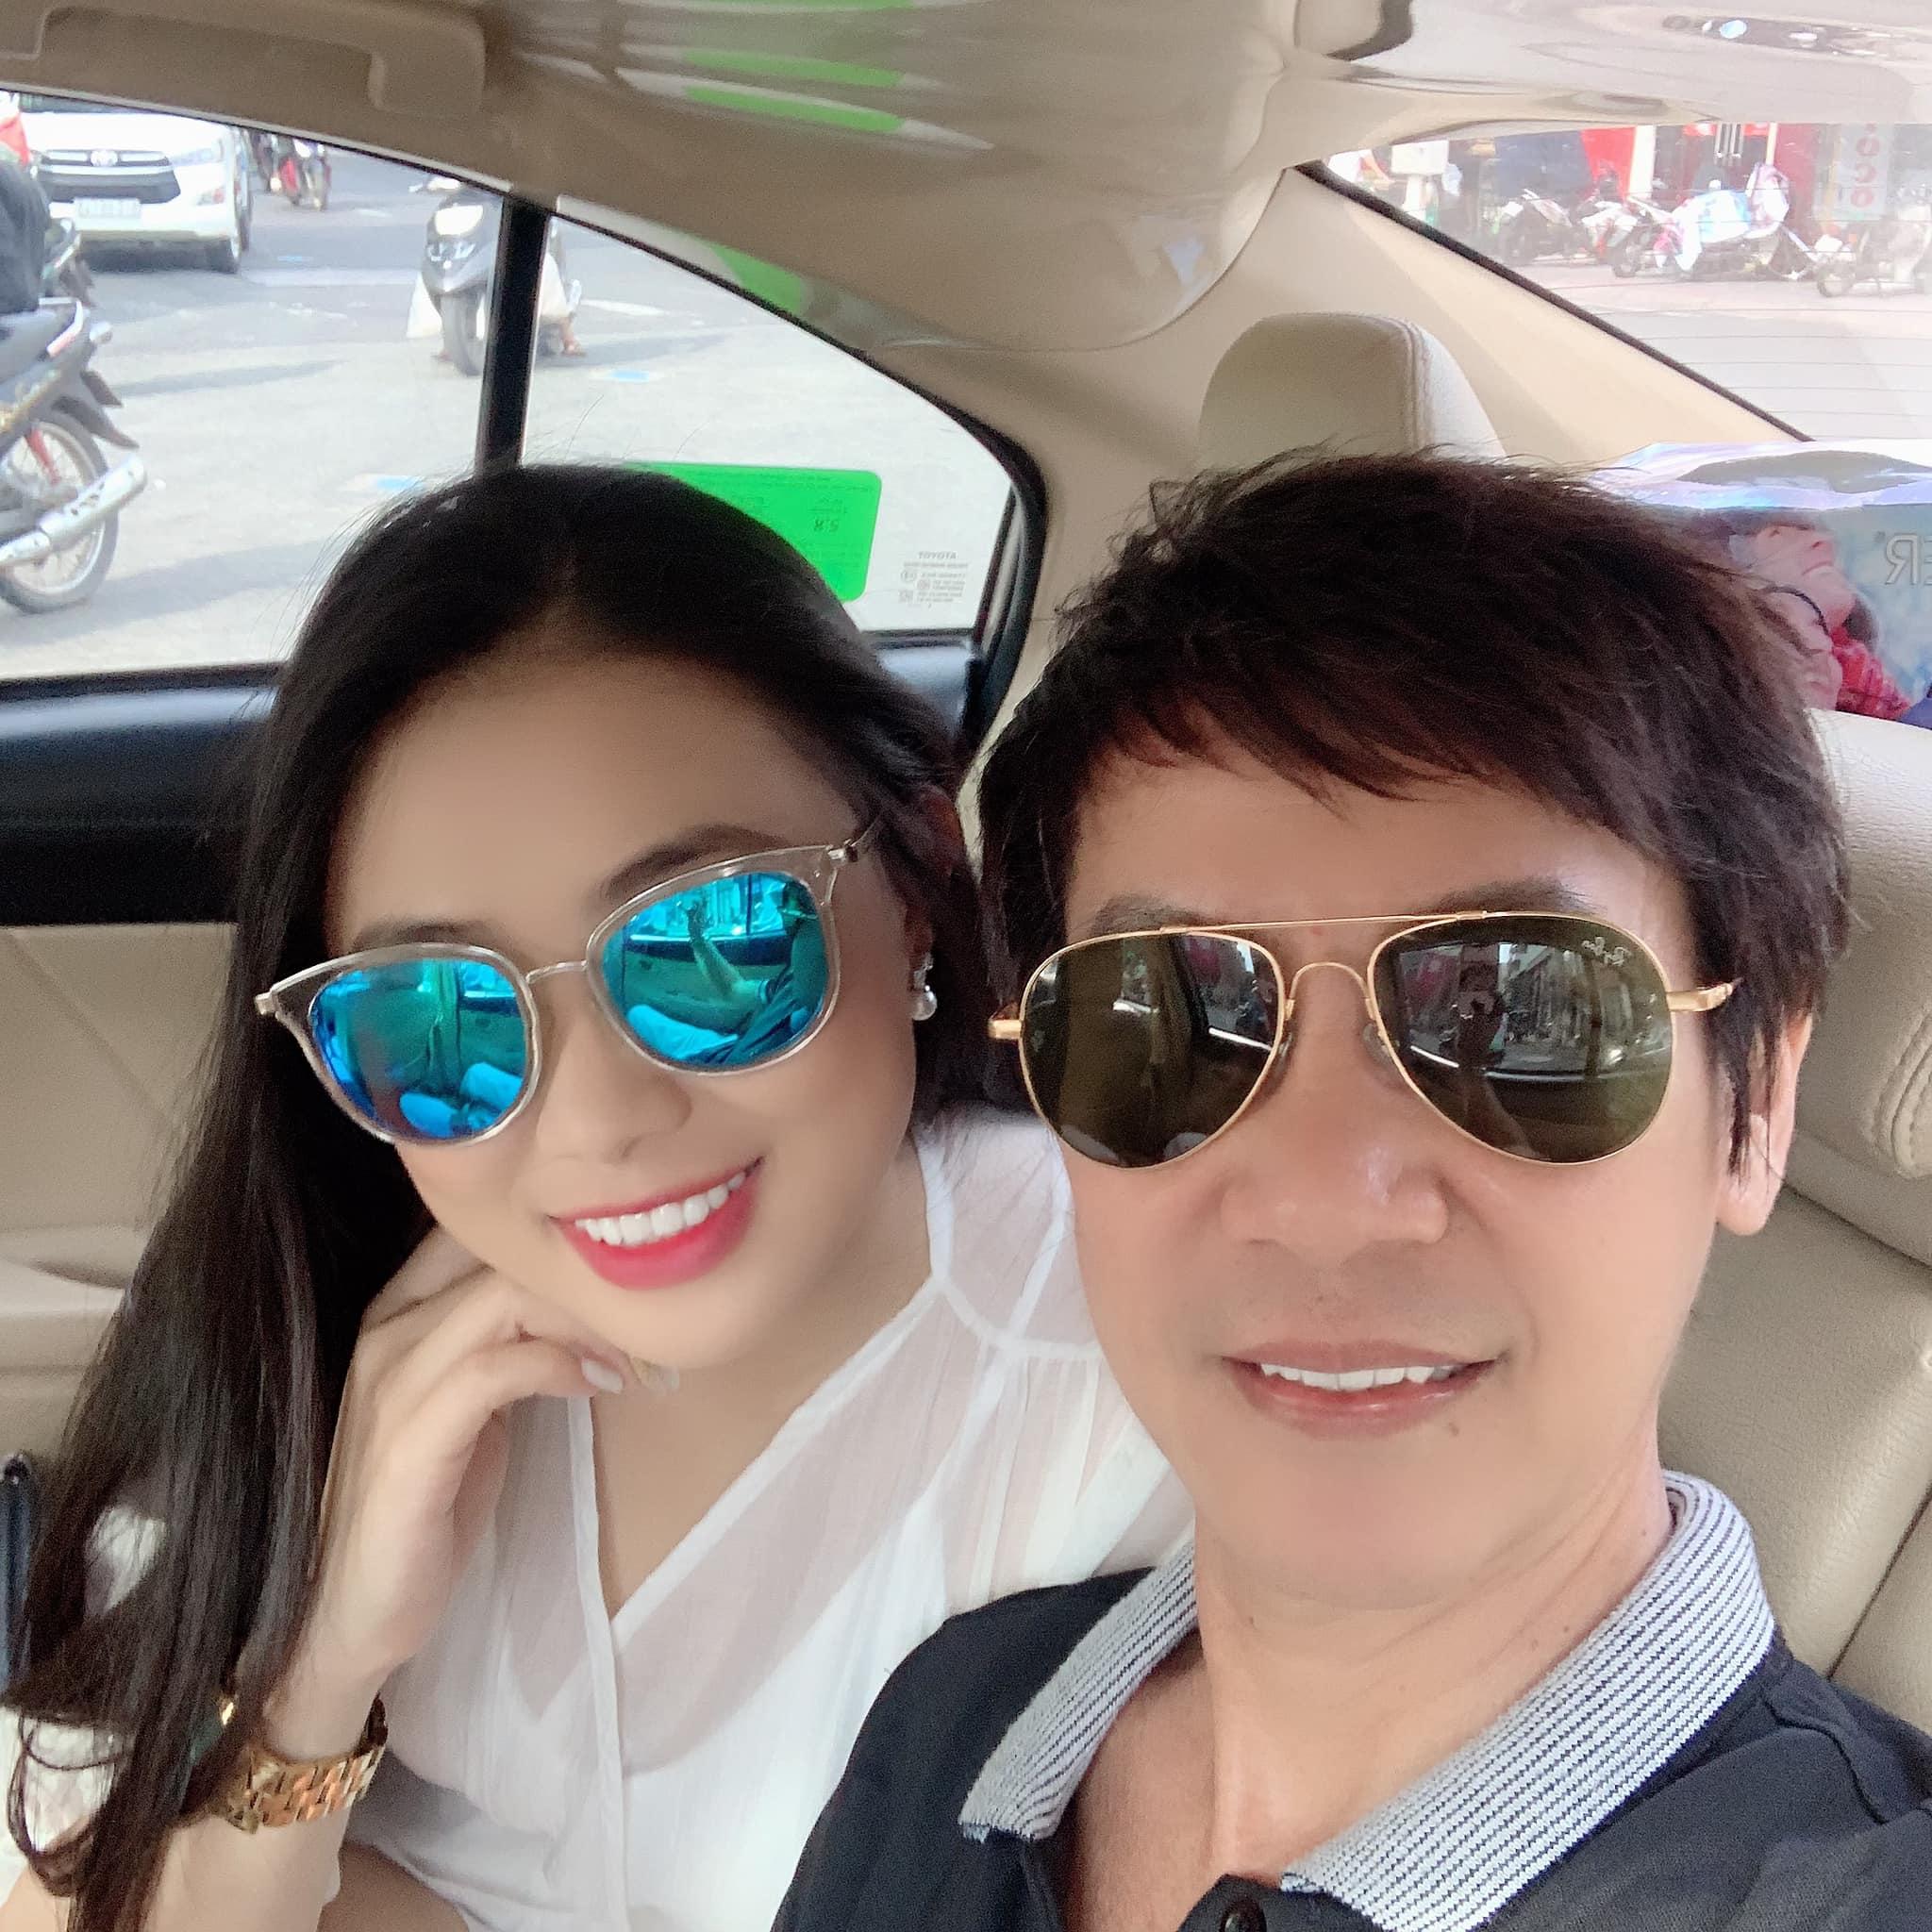 """Danh hài Lê Huỳnh cưới vợ kém 30 tuổi, bố mẹ vợ gọi bằng """"anh"""" - 4"""